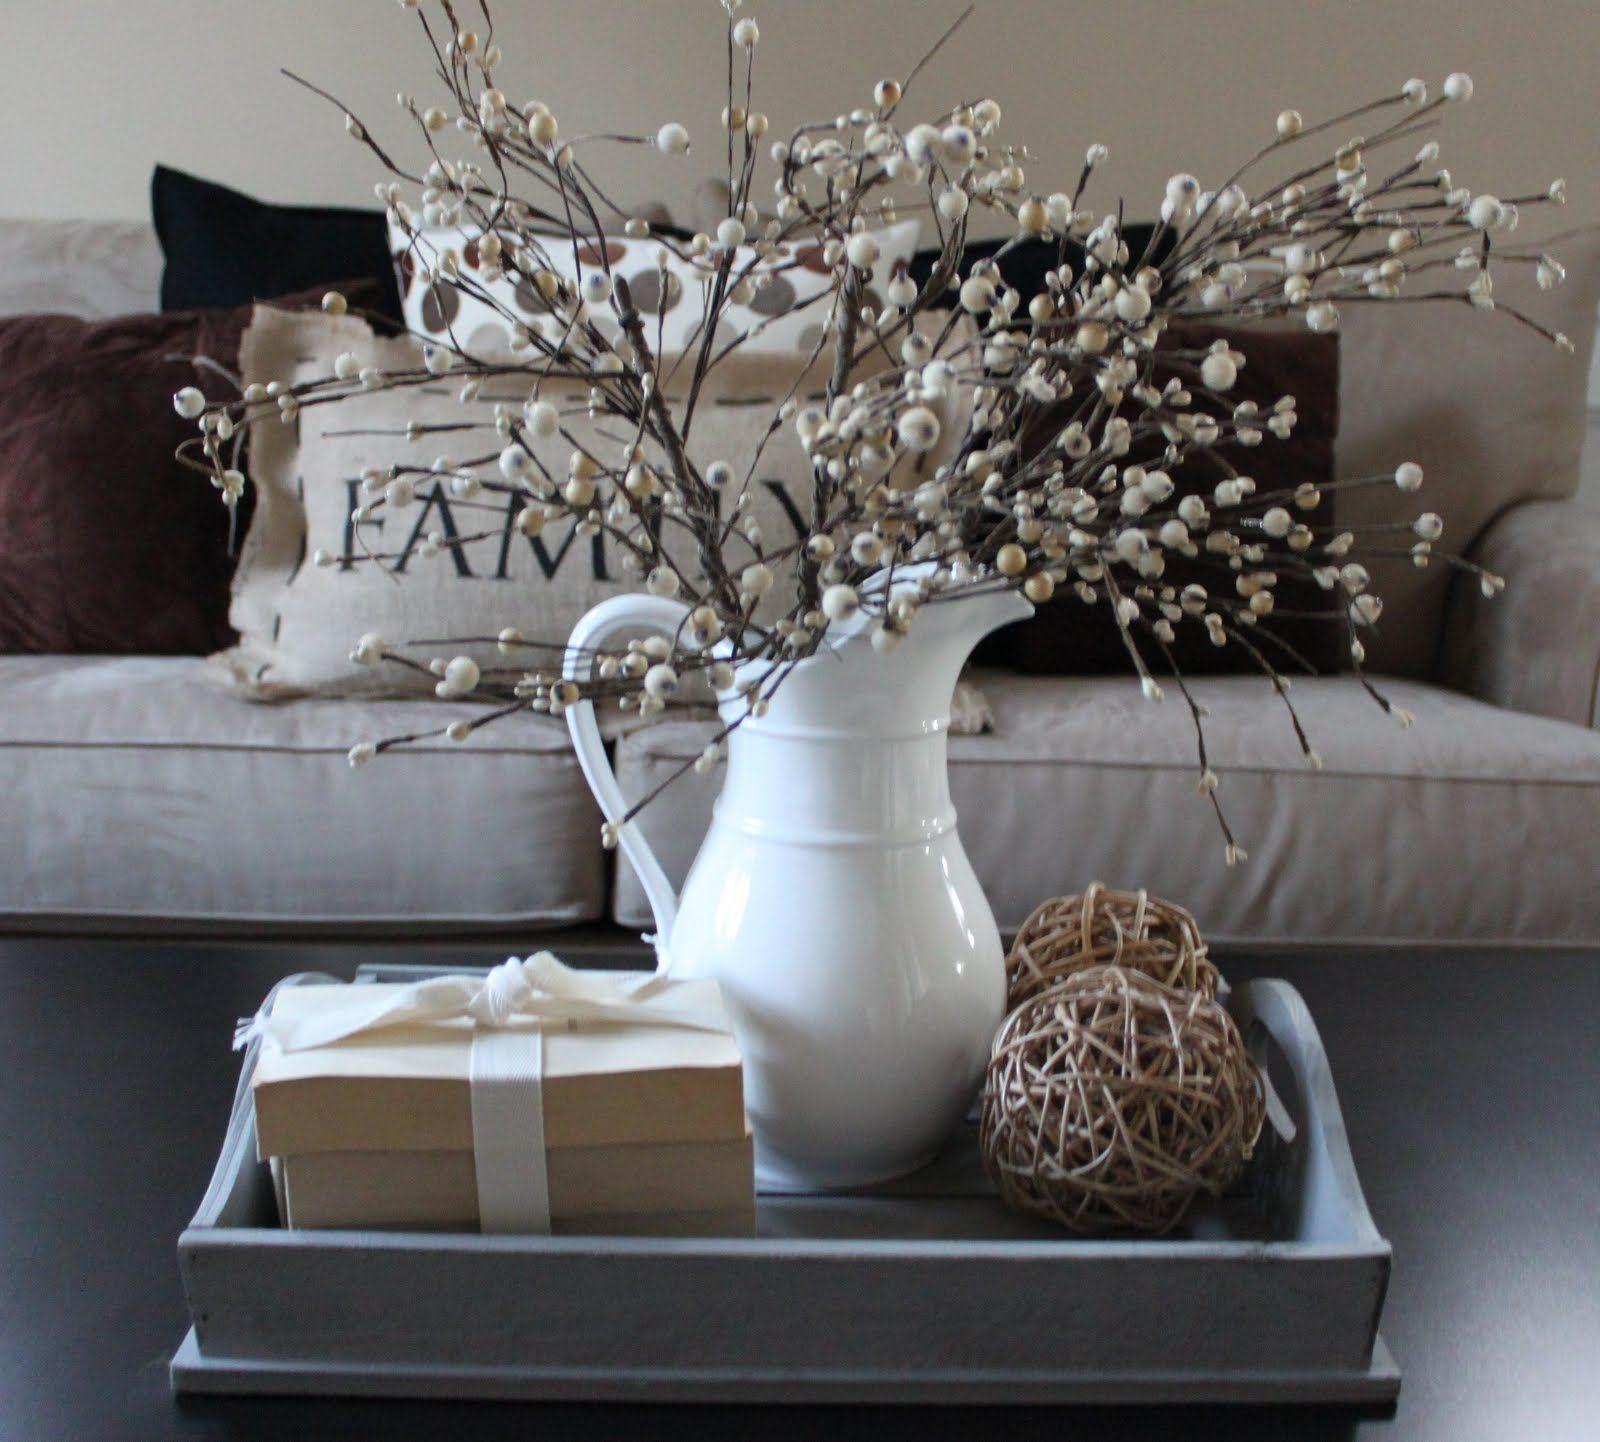 20 Super Modern Living Room Coffee Table Decor Ideas That: 38 Niedliche Lila Wohnzimmer Design Werden Sie Total